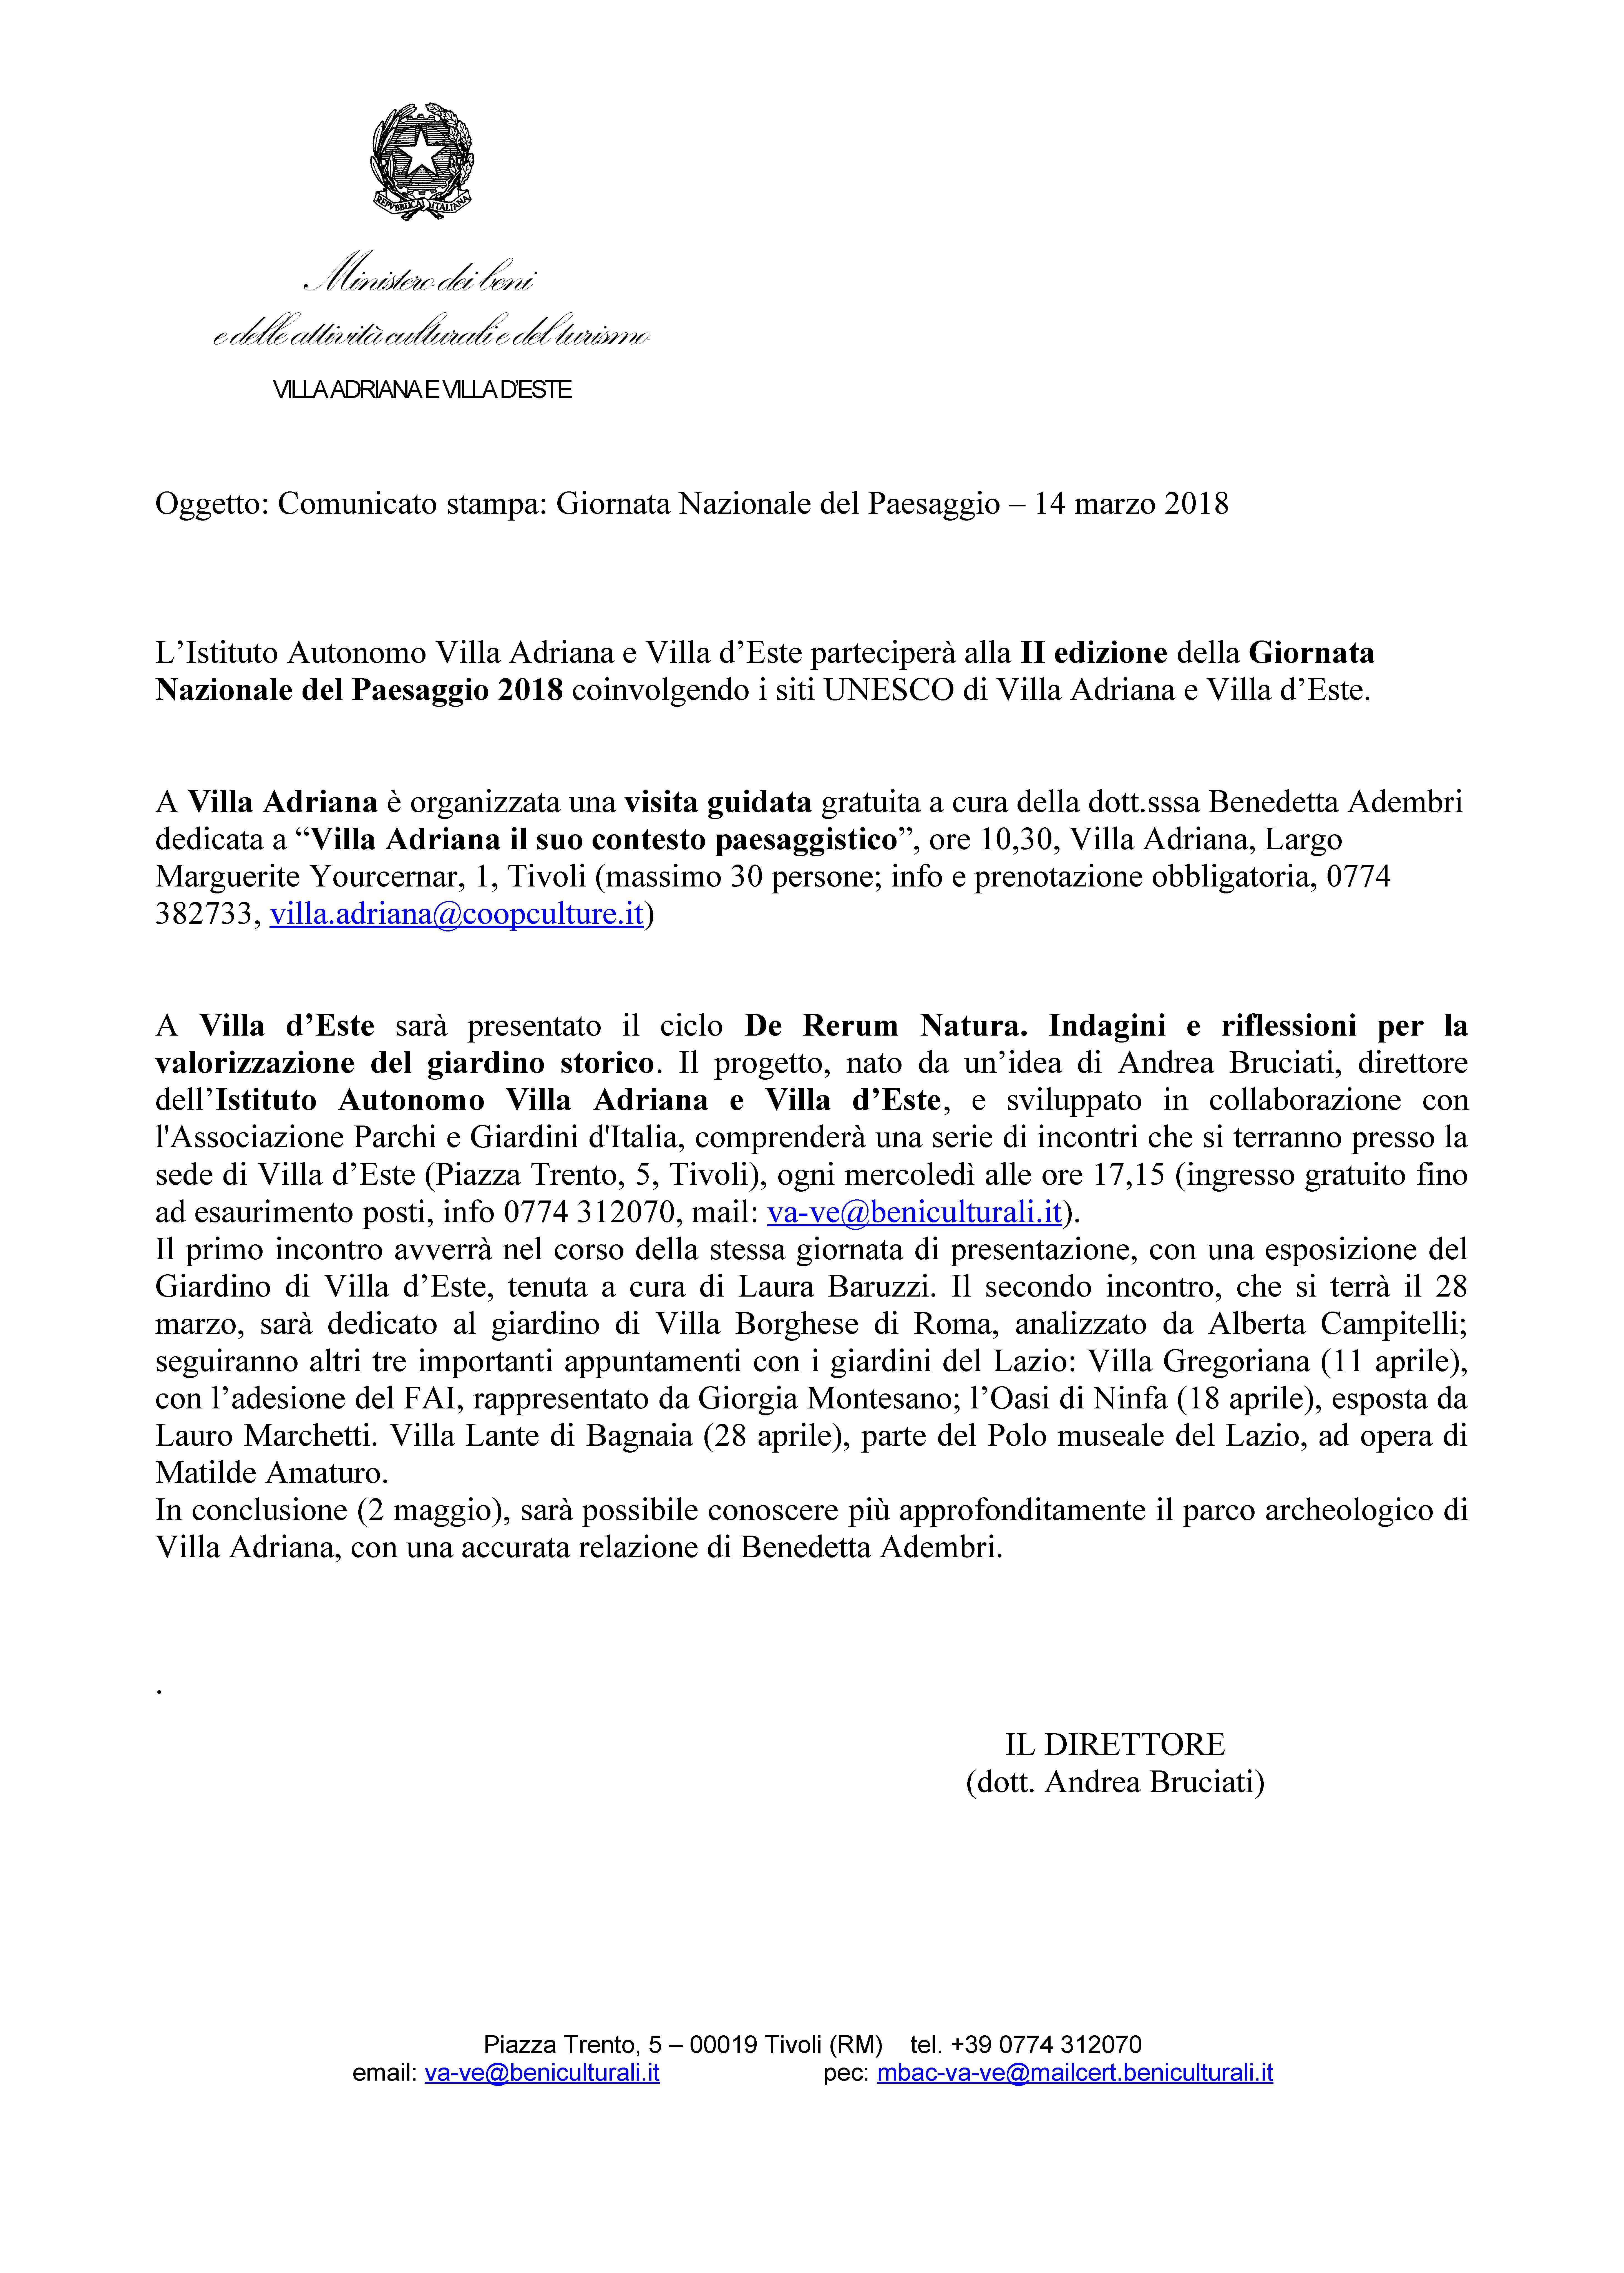 comunicato stampa de rerum natura-2